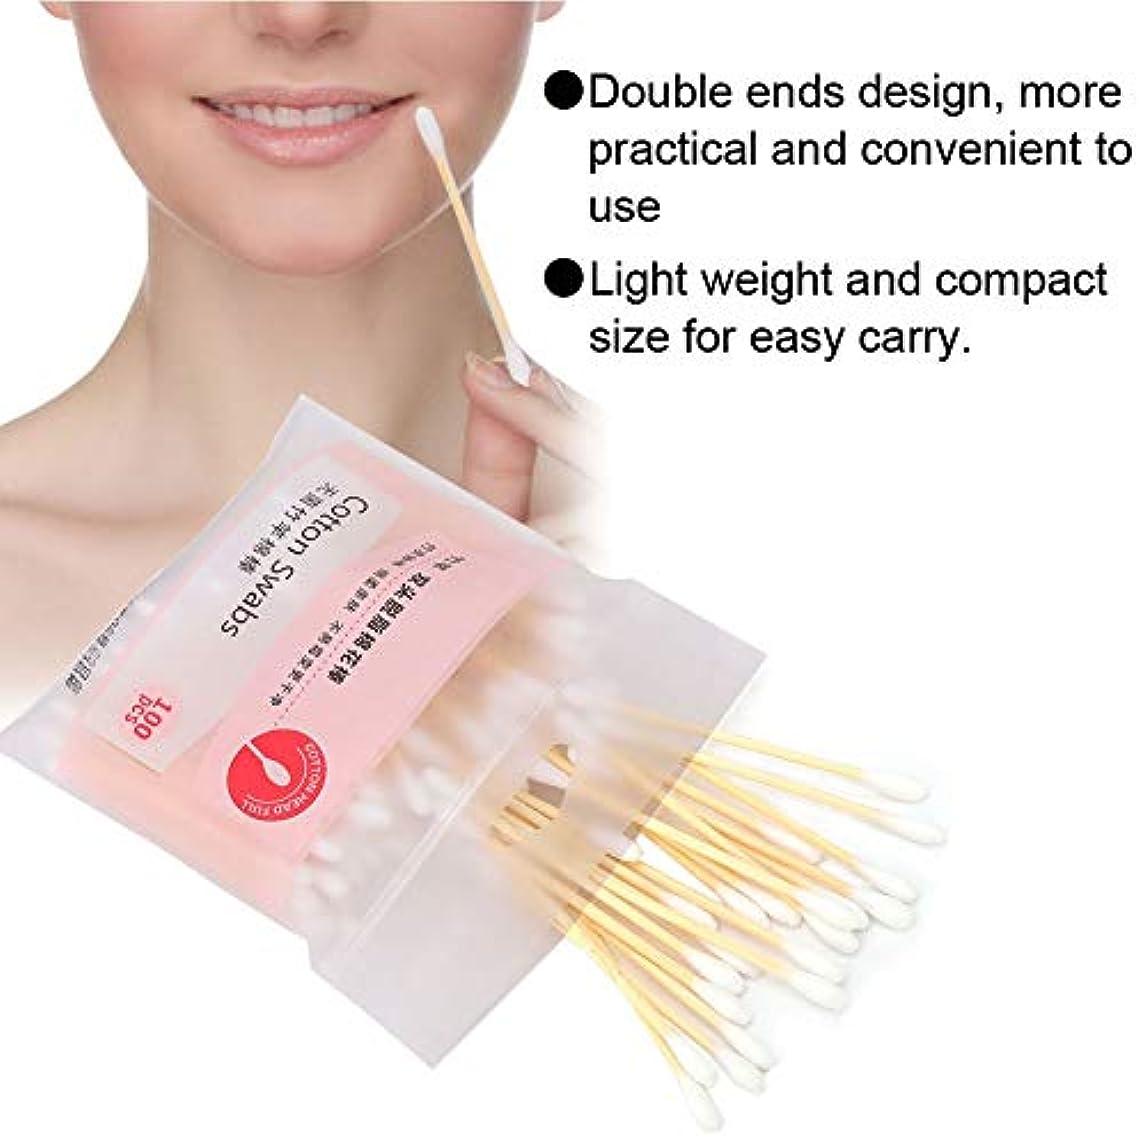 削減アクティビティ活発使い捨てダブルエンド綿棒化粧綿棒綿棒 100個セット